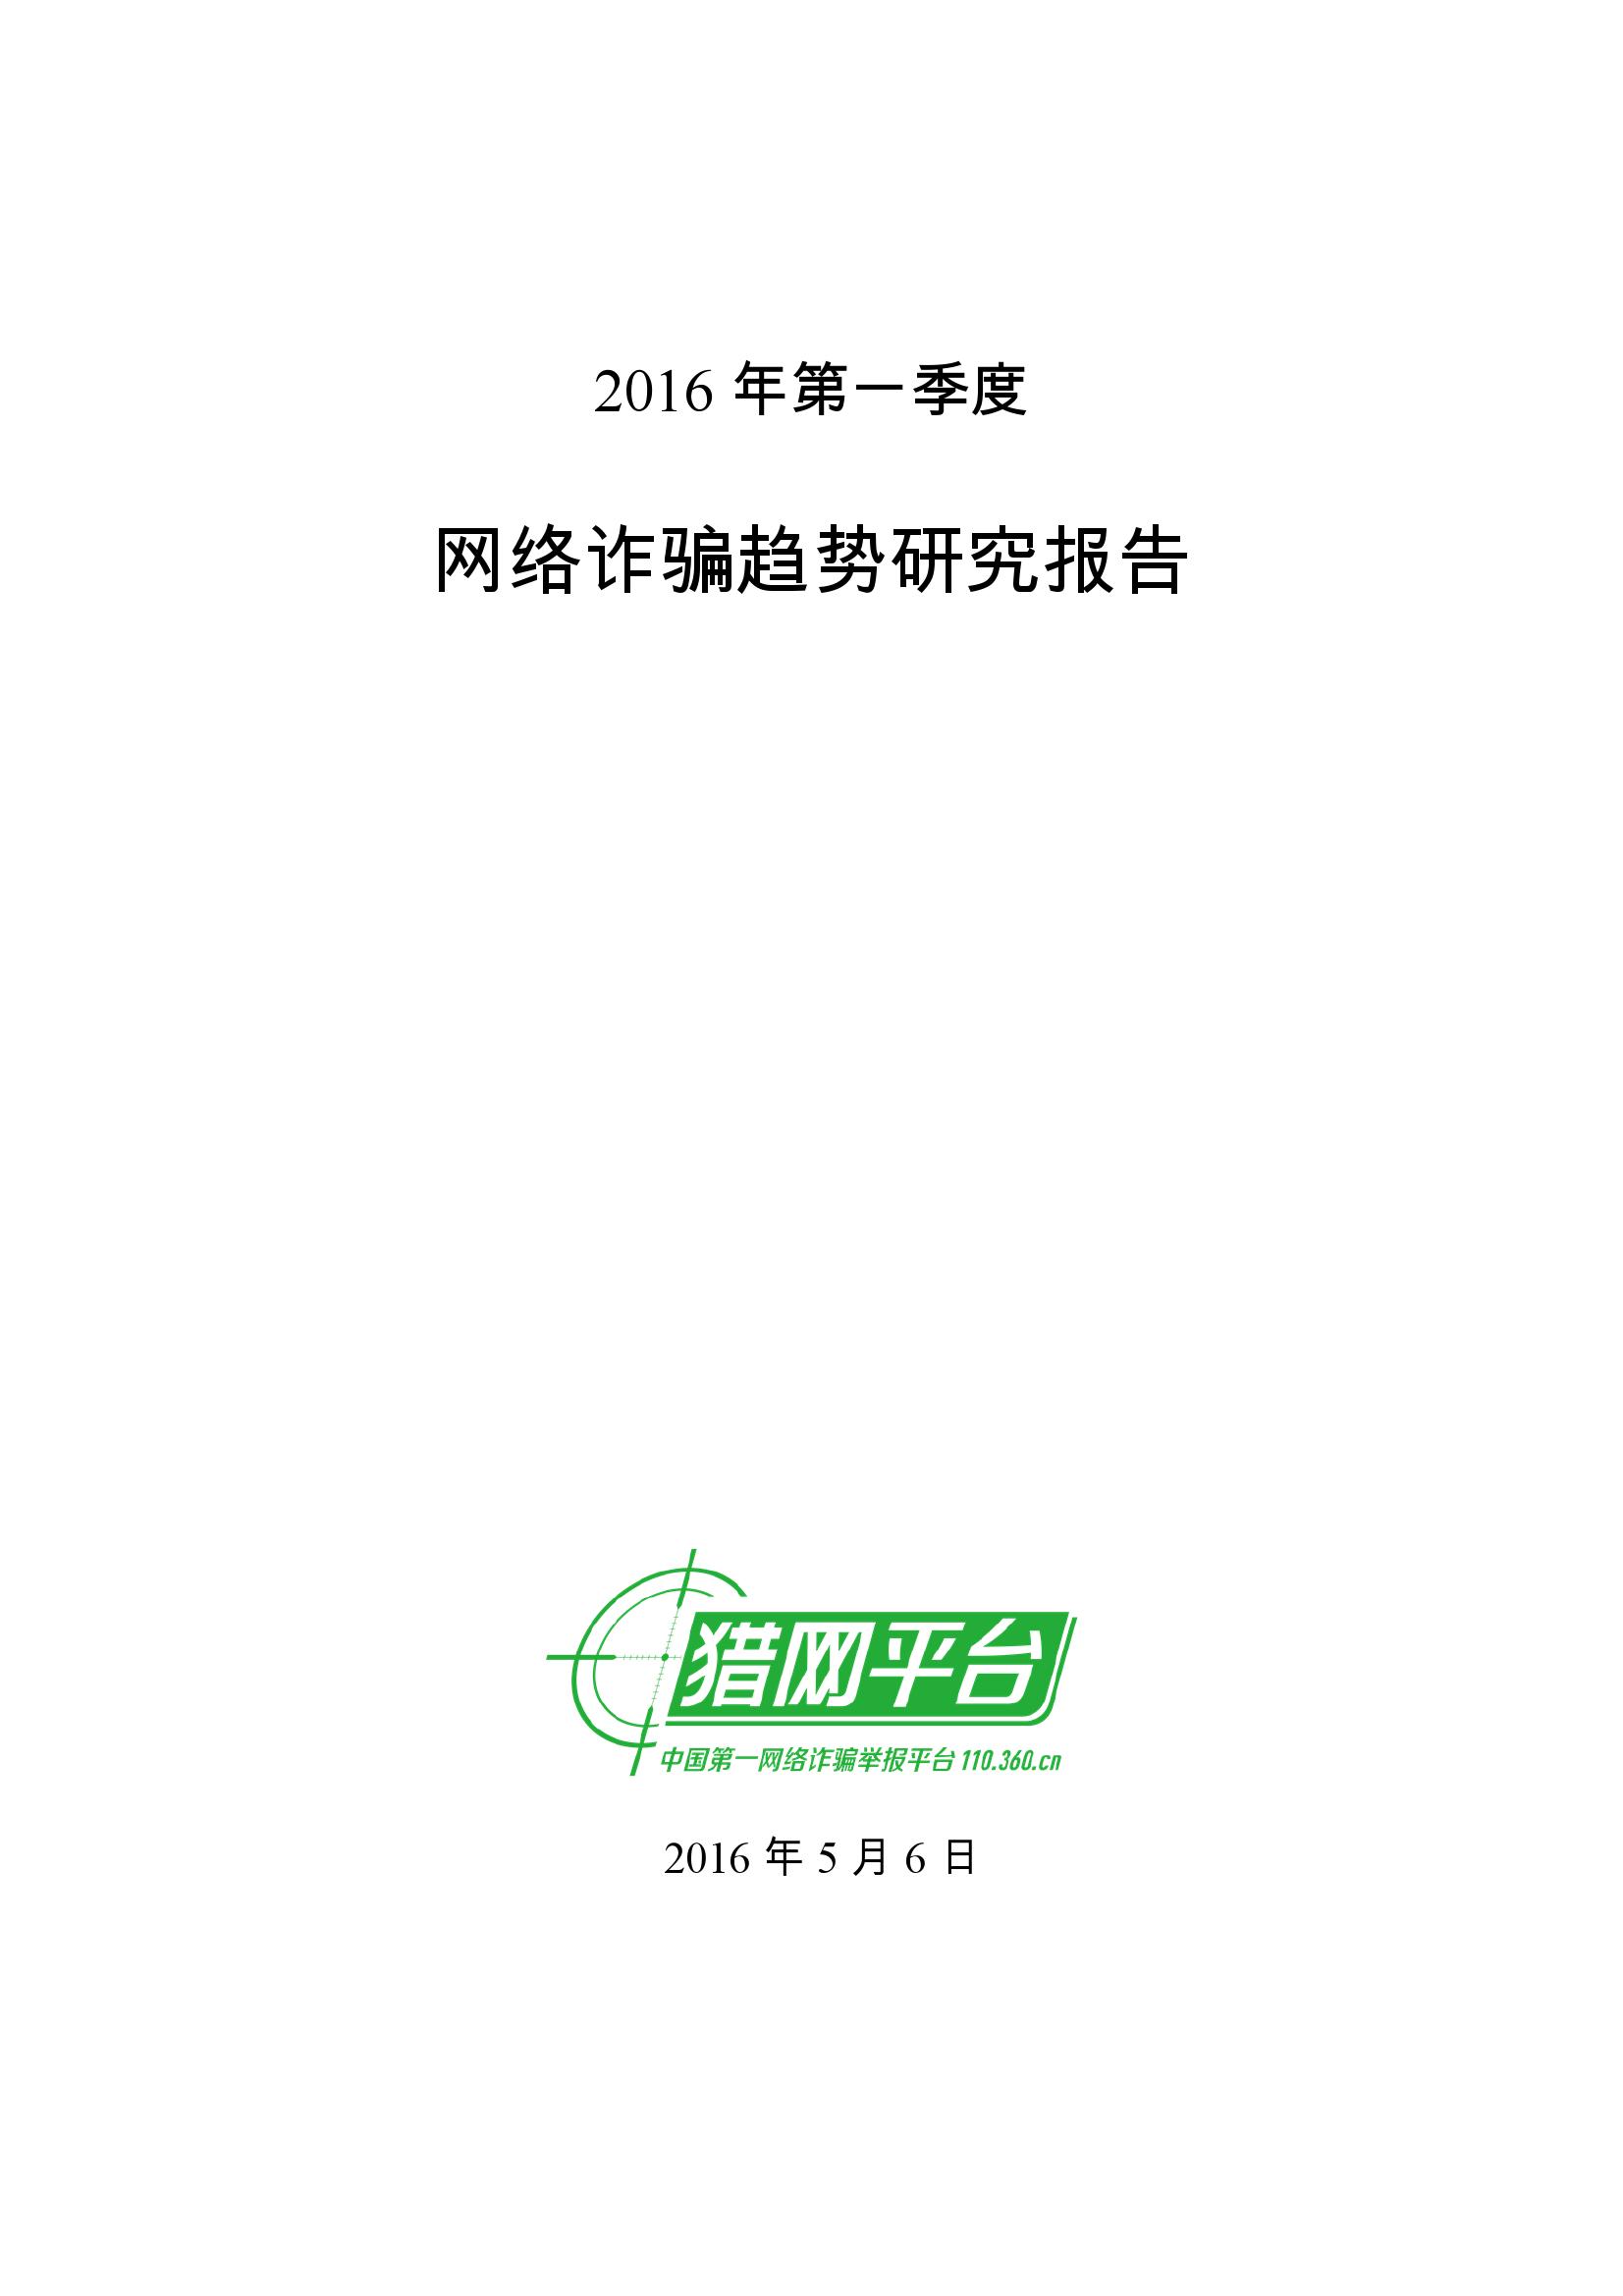 2016年第一季度网络诈骗趋势研究报告_000001